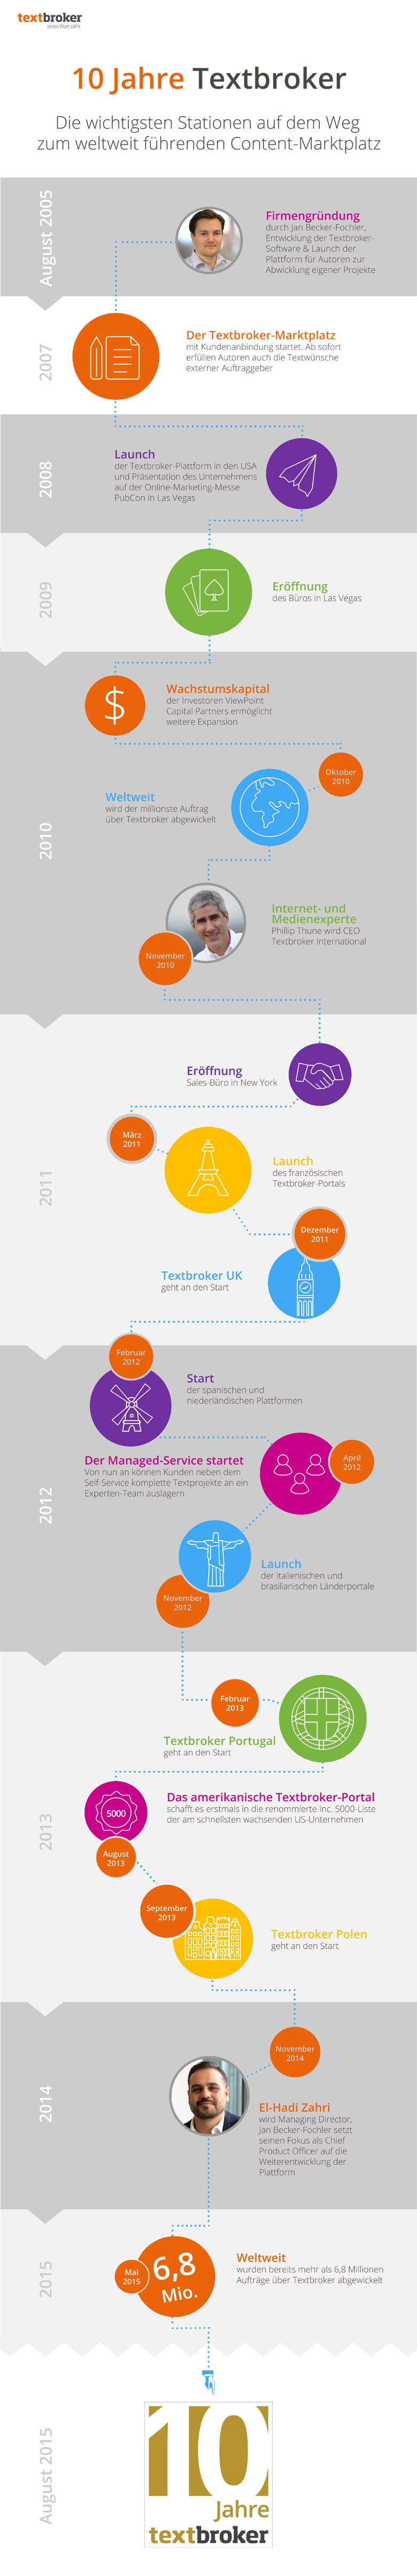 10 Jahre Textbroker Infografik